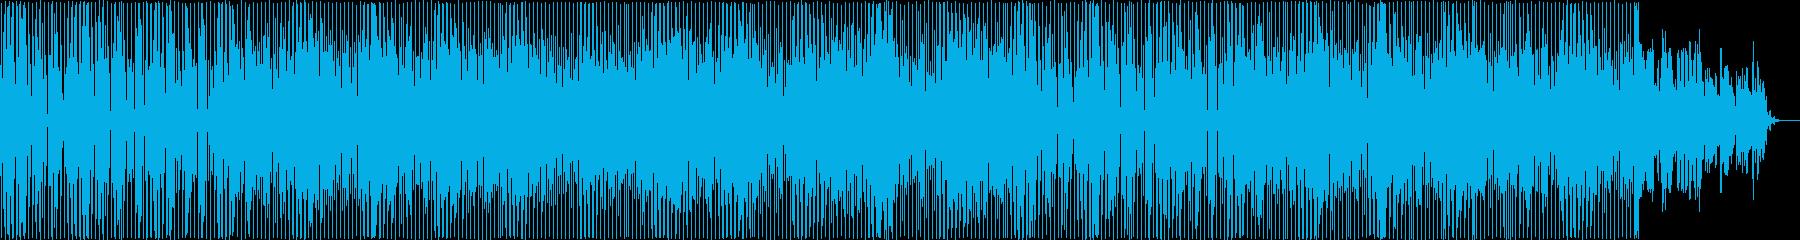 前向きな80'sBGMですの再生済みの波形